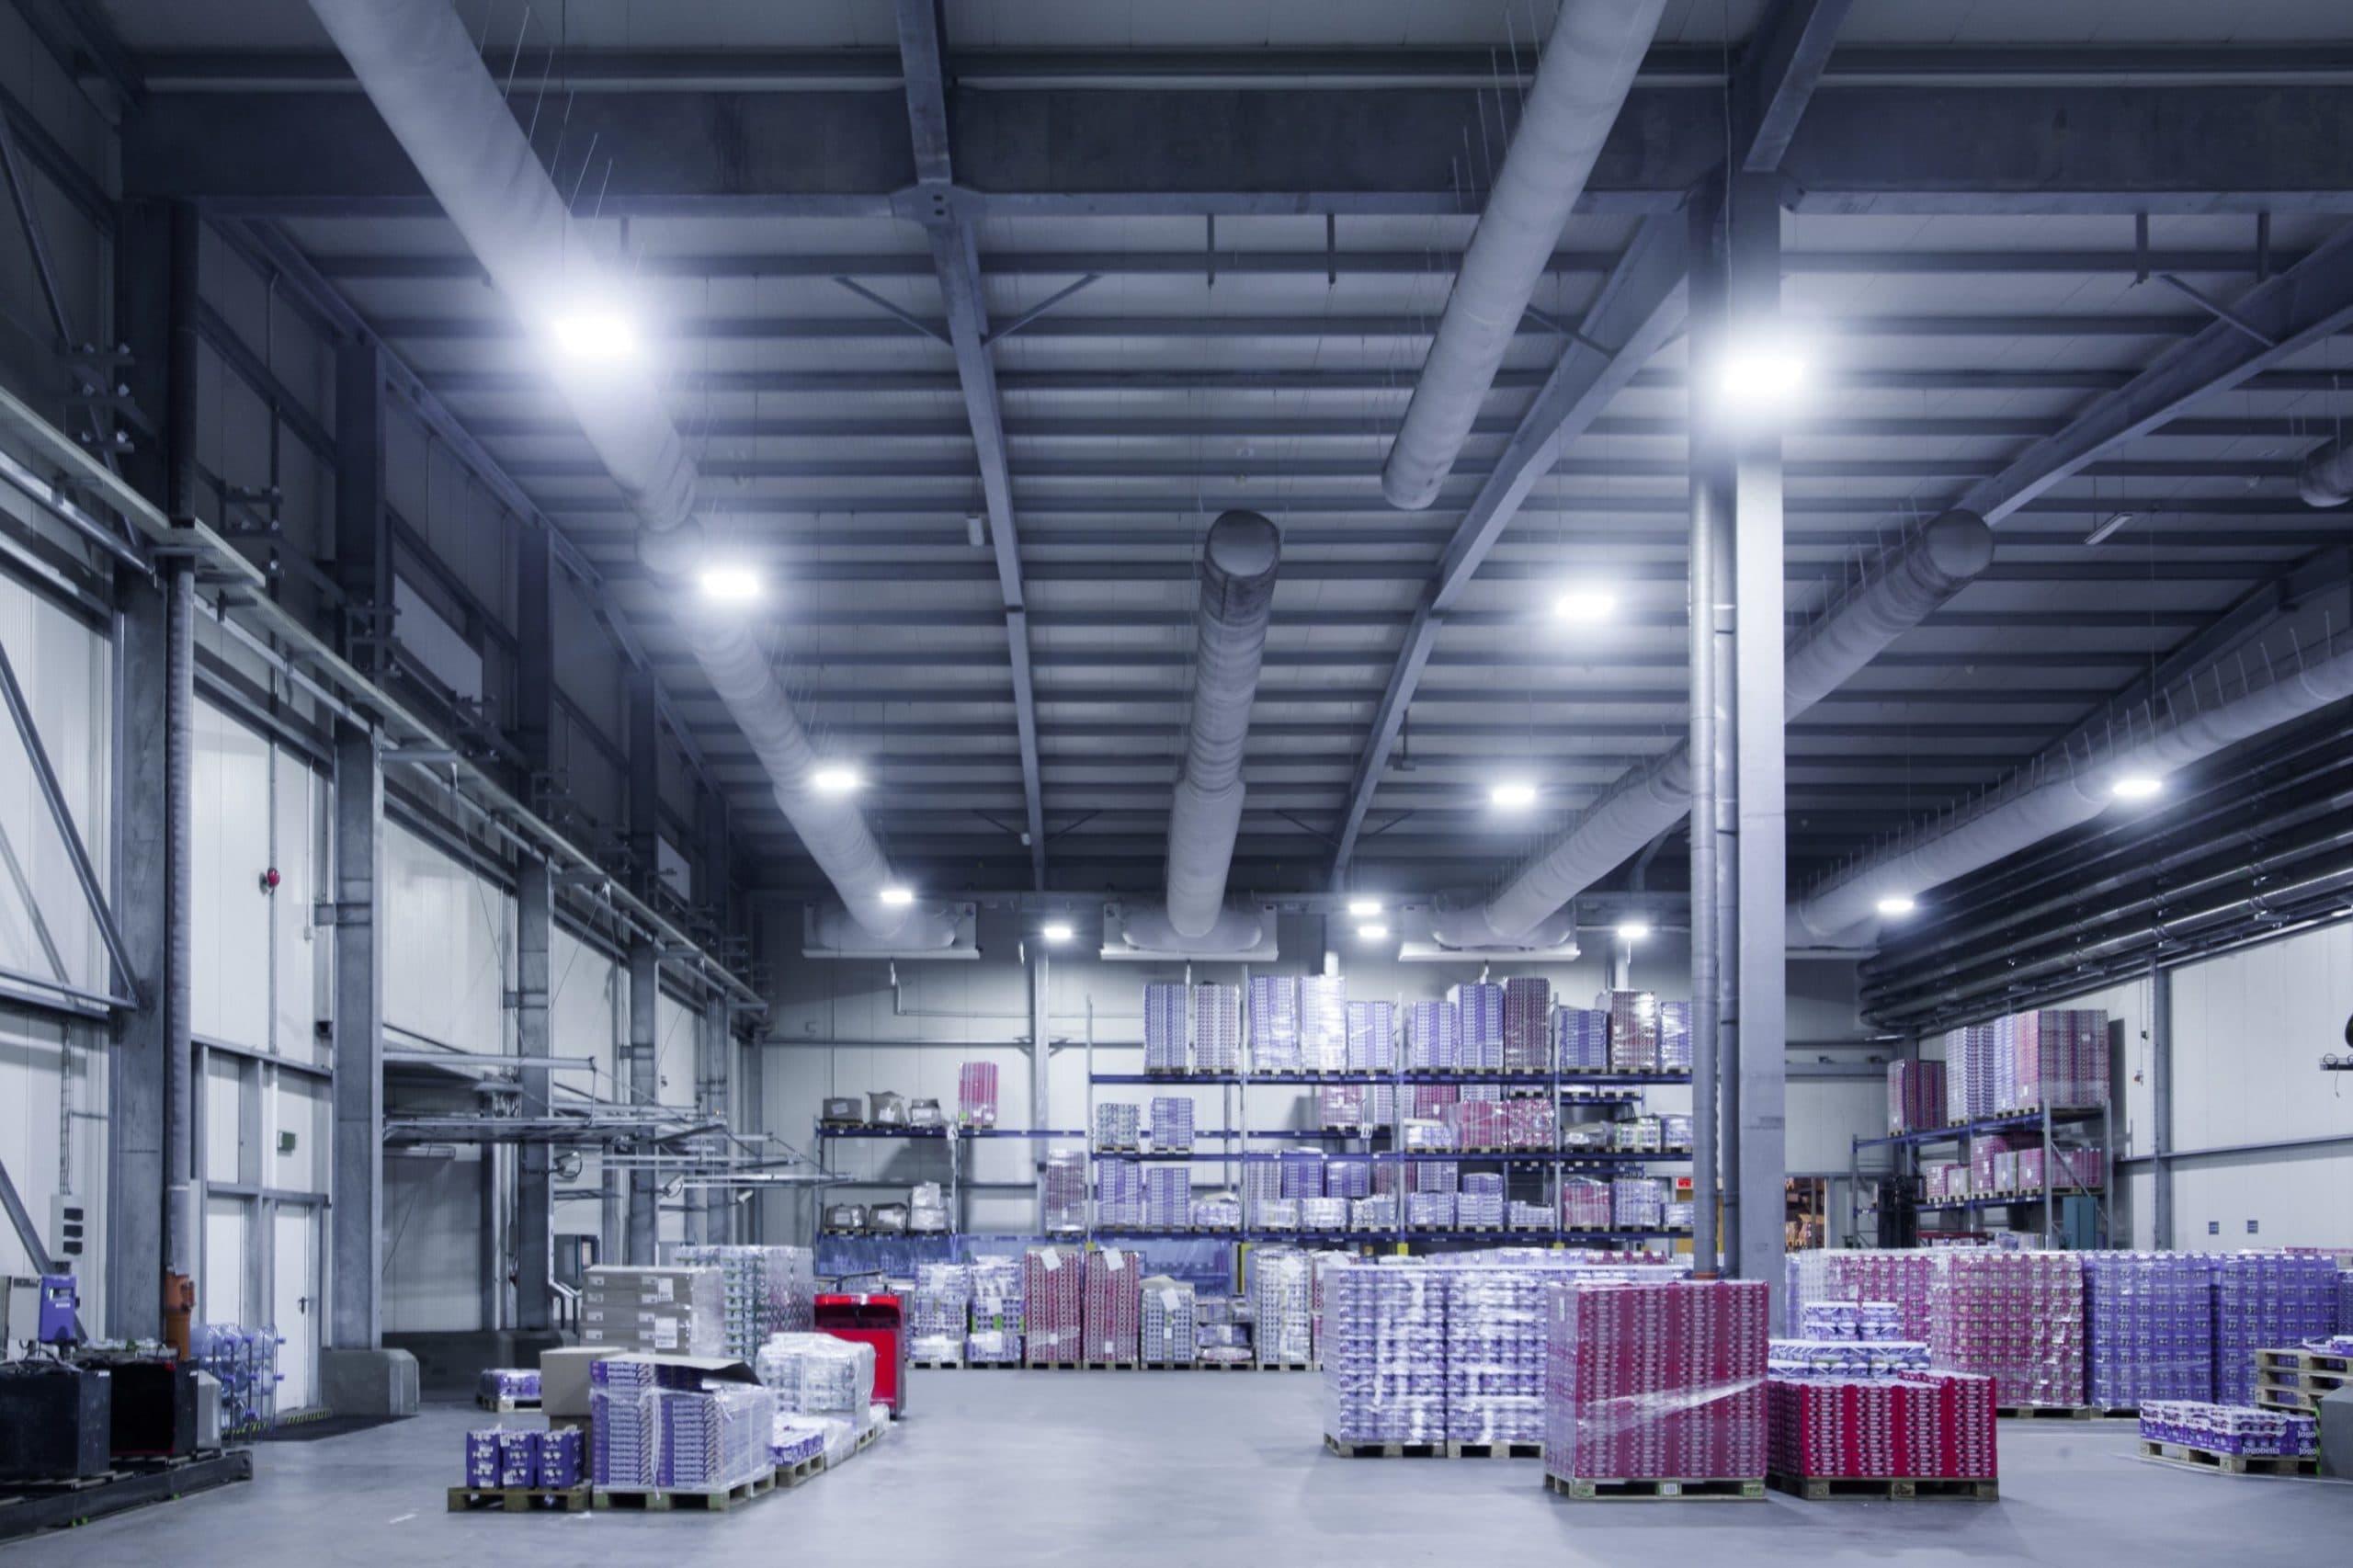 Modernisierung der Beleuchtung in einer Molkerei